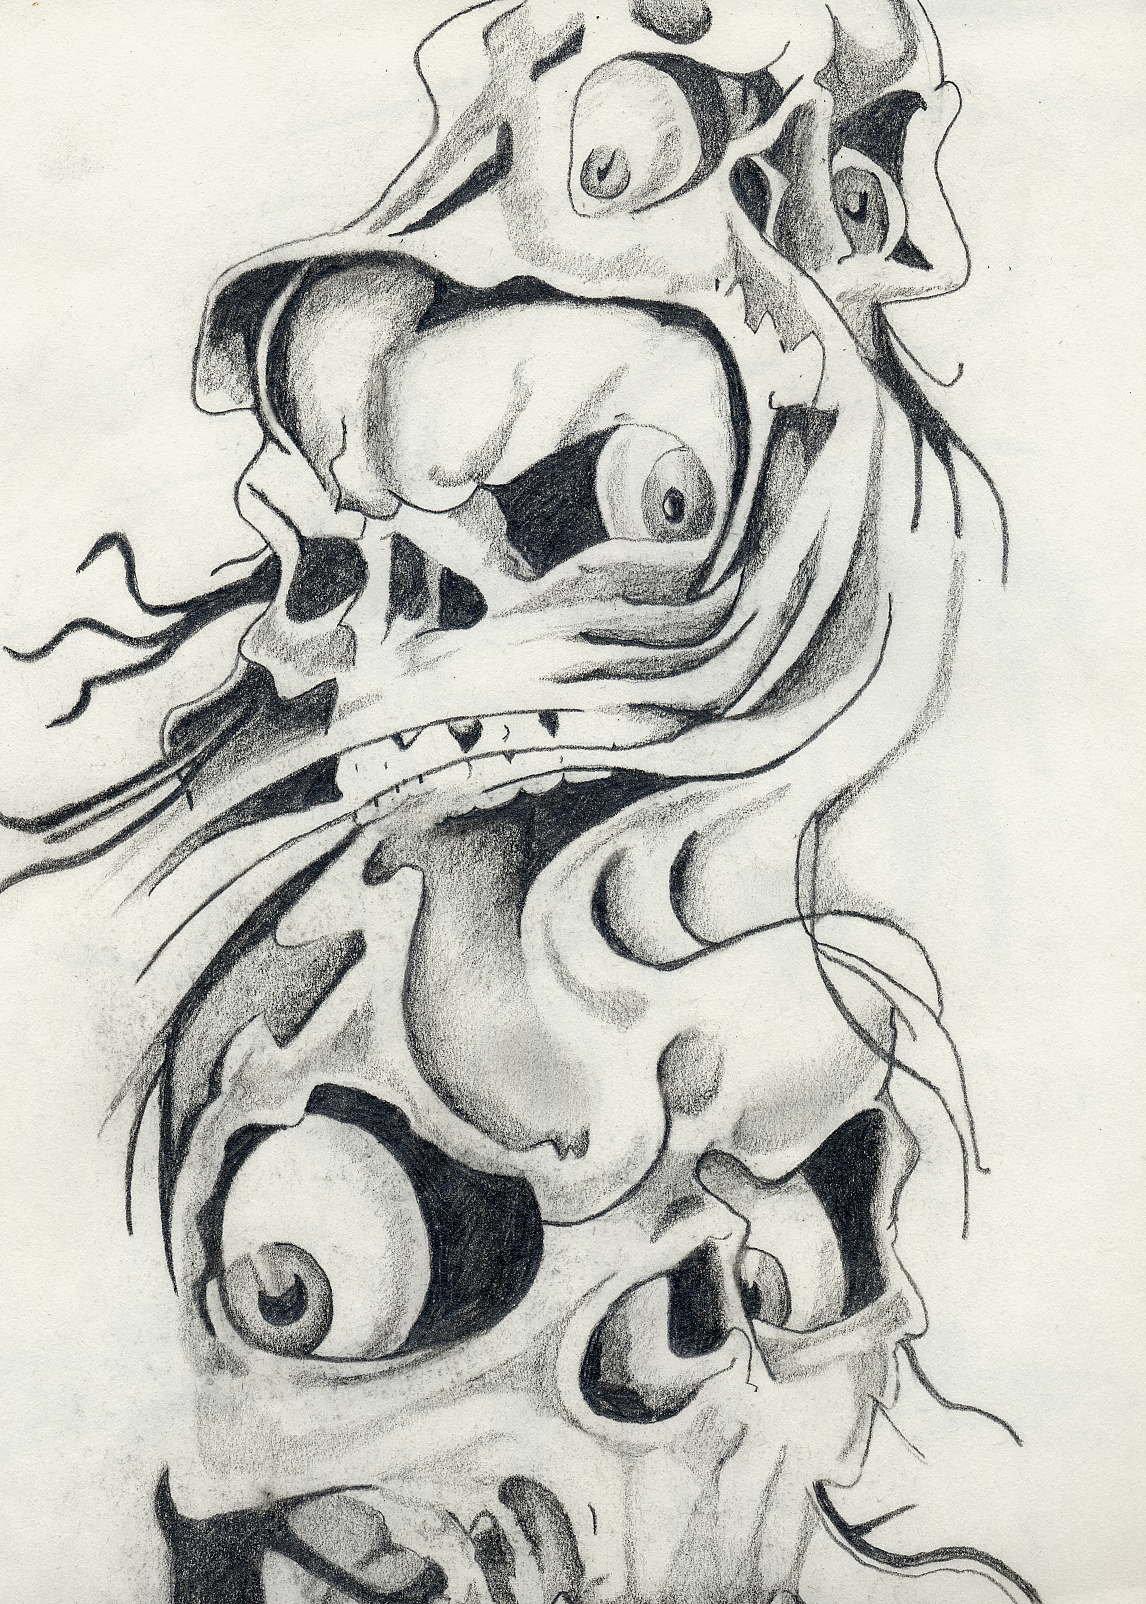 Drawn smokey skull Skulls QuaZeroy on by by